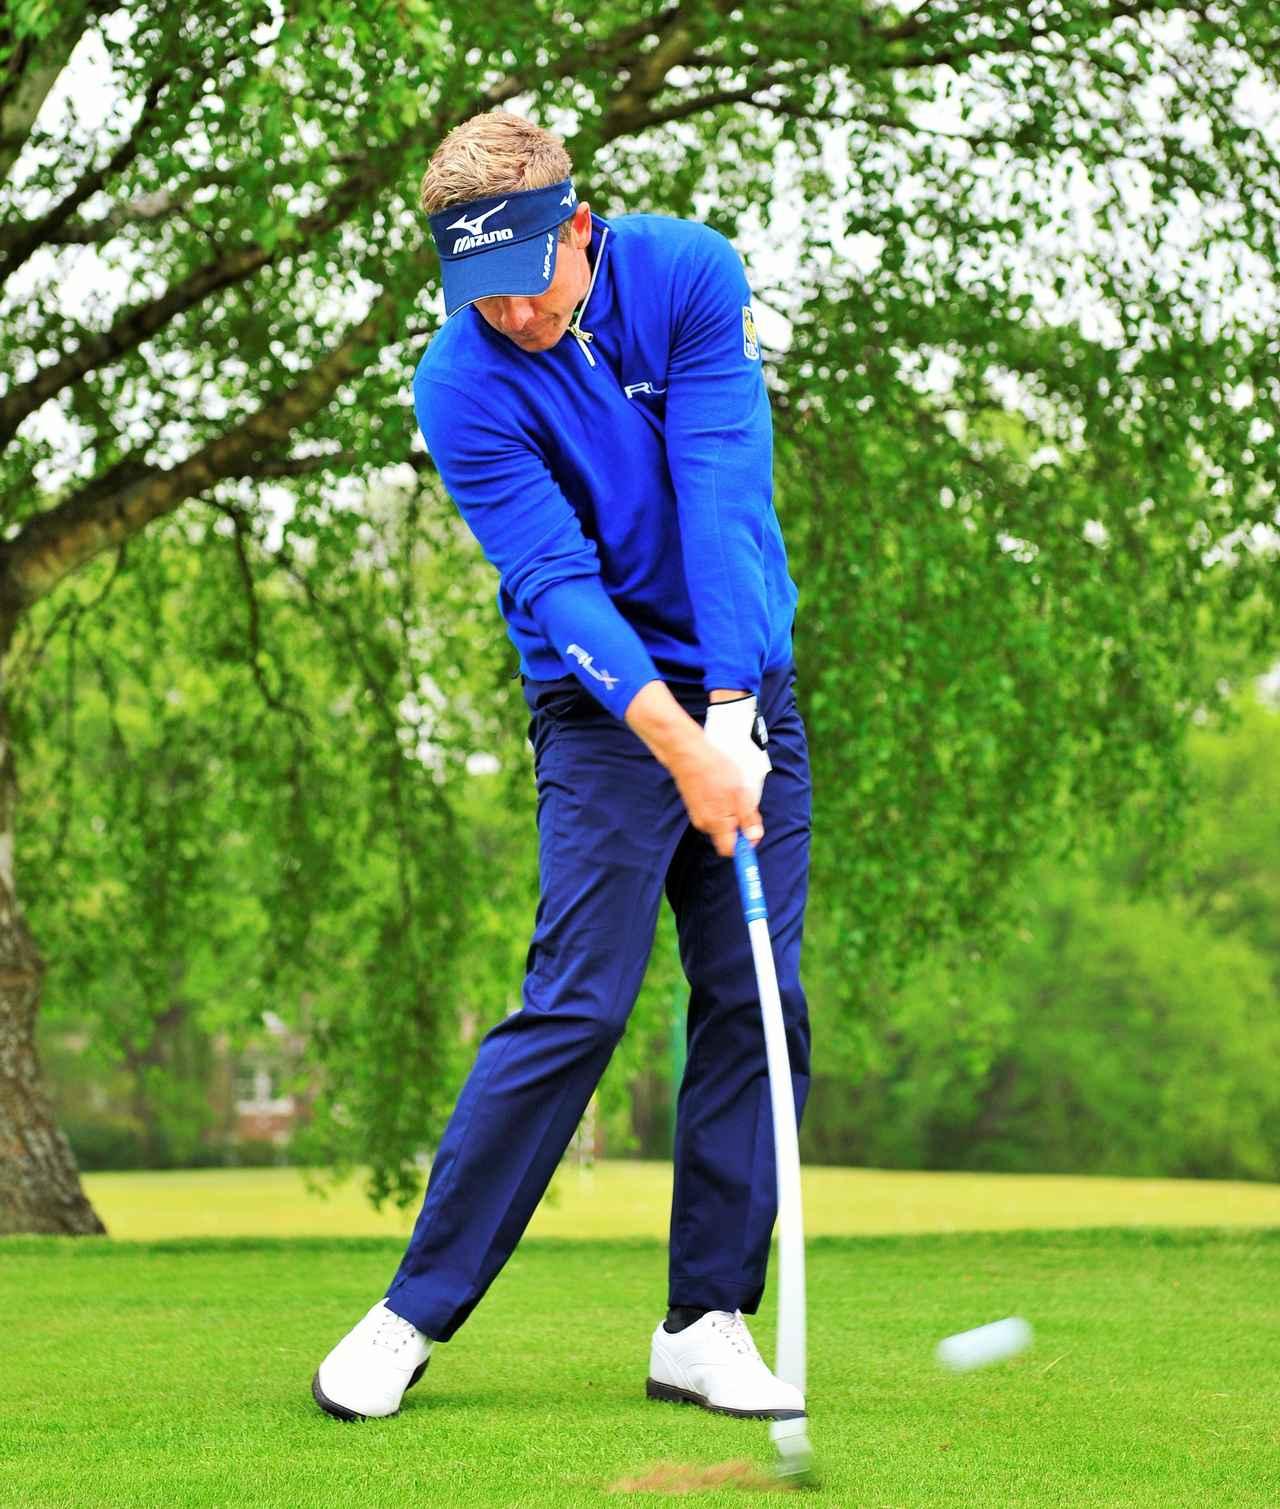 画像: ルークに聞く「5番アイアンを上手く打つ秘訣は?」 - みんなのゴルフダイジェスト